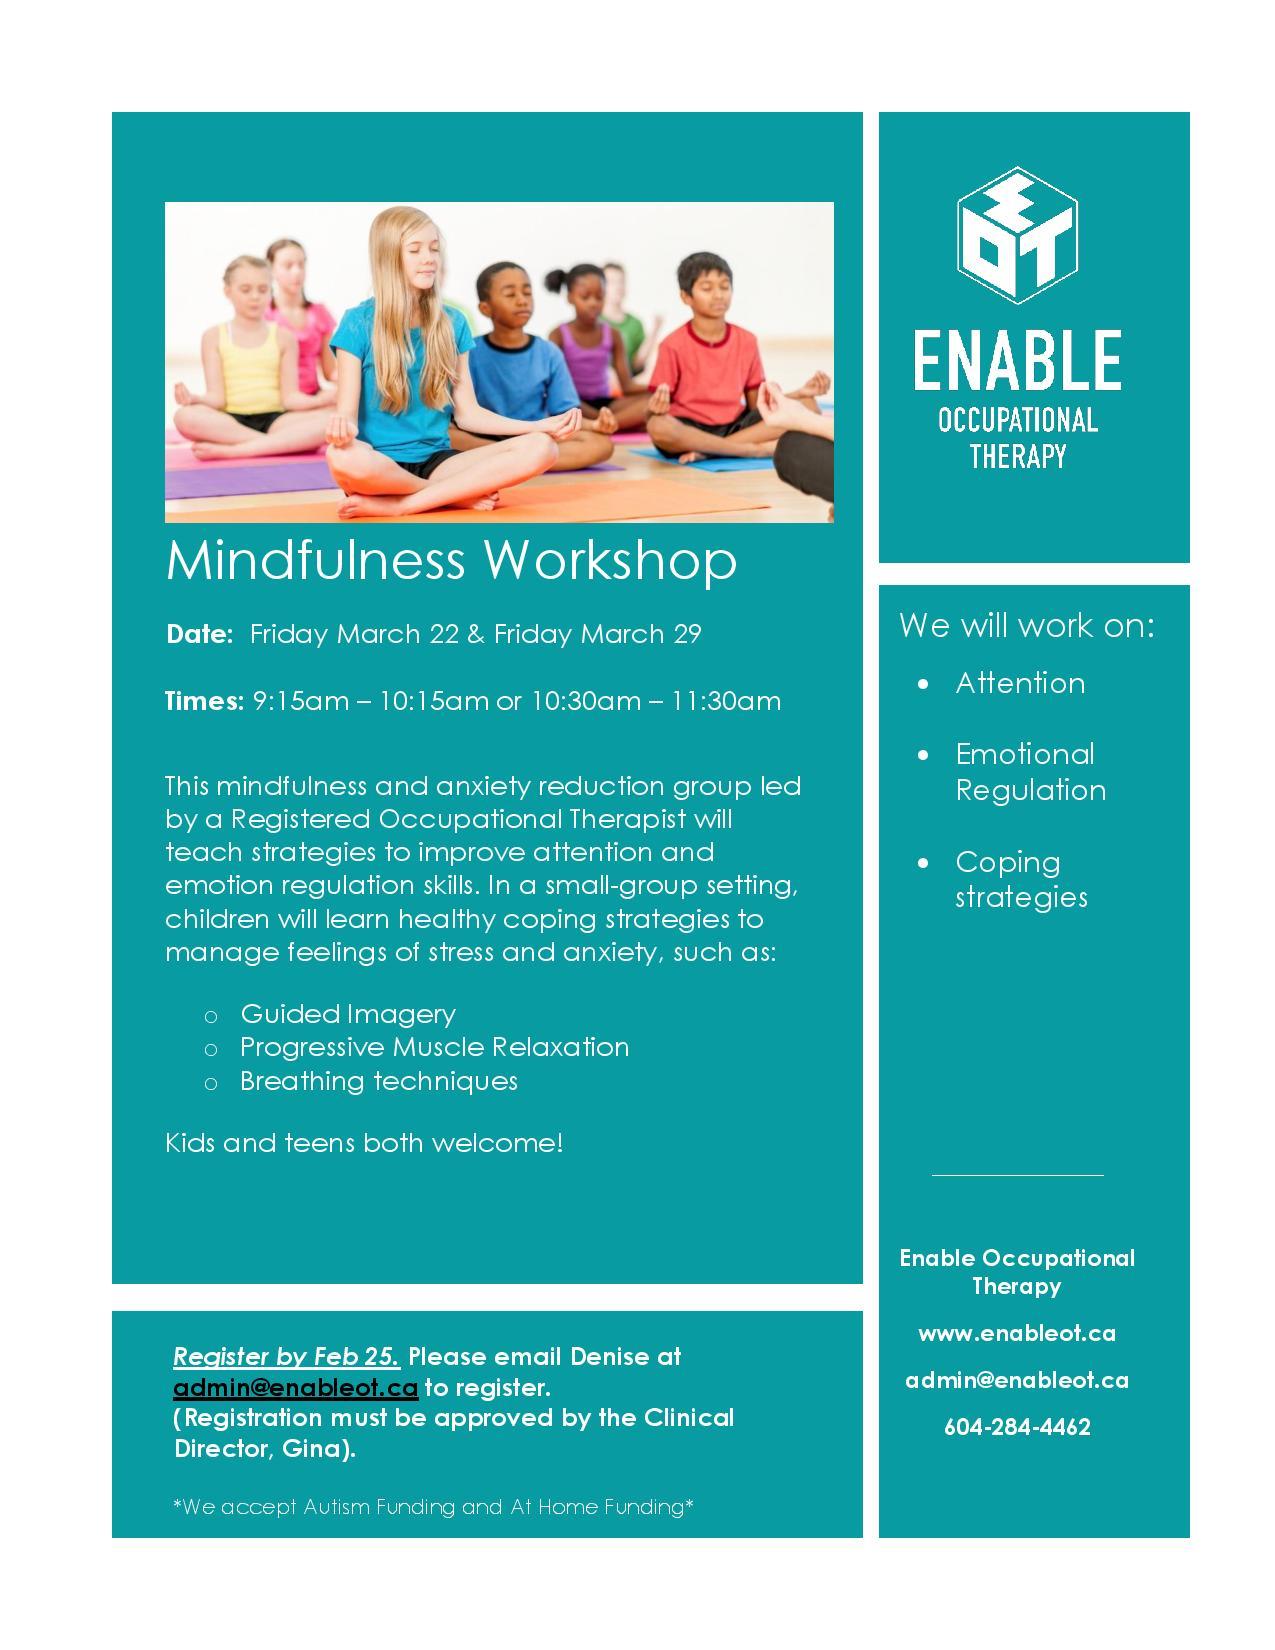 Mindfulness Workshop Poster.jpg